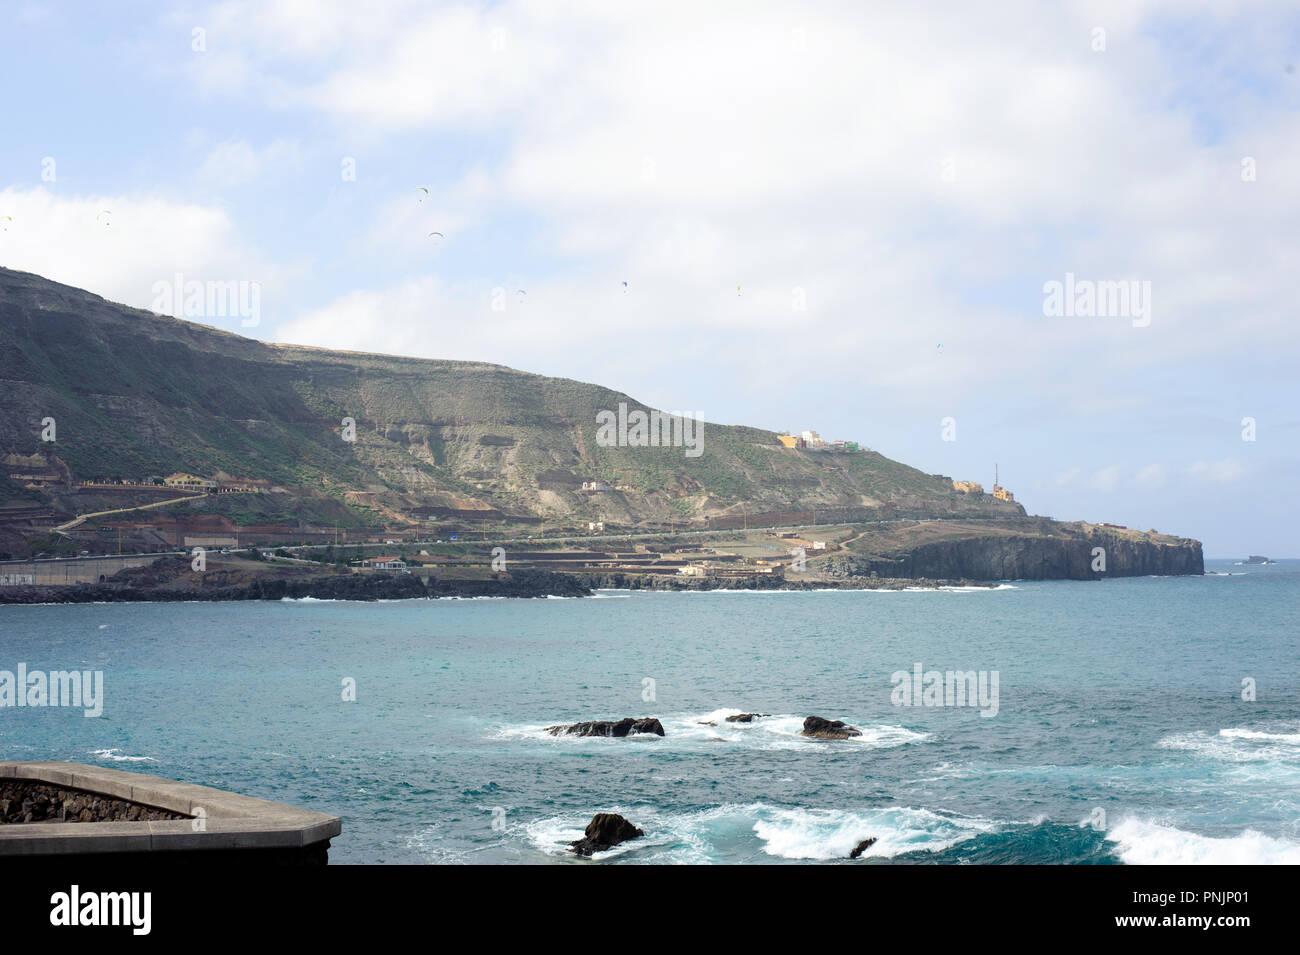 View from Mirador El Atlante famous place in Las Palmas, Gran Canaria, Spain Stock Photo